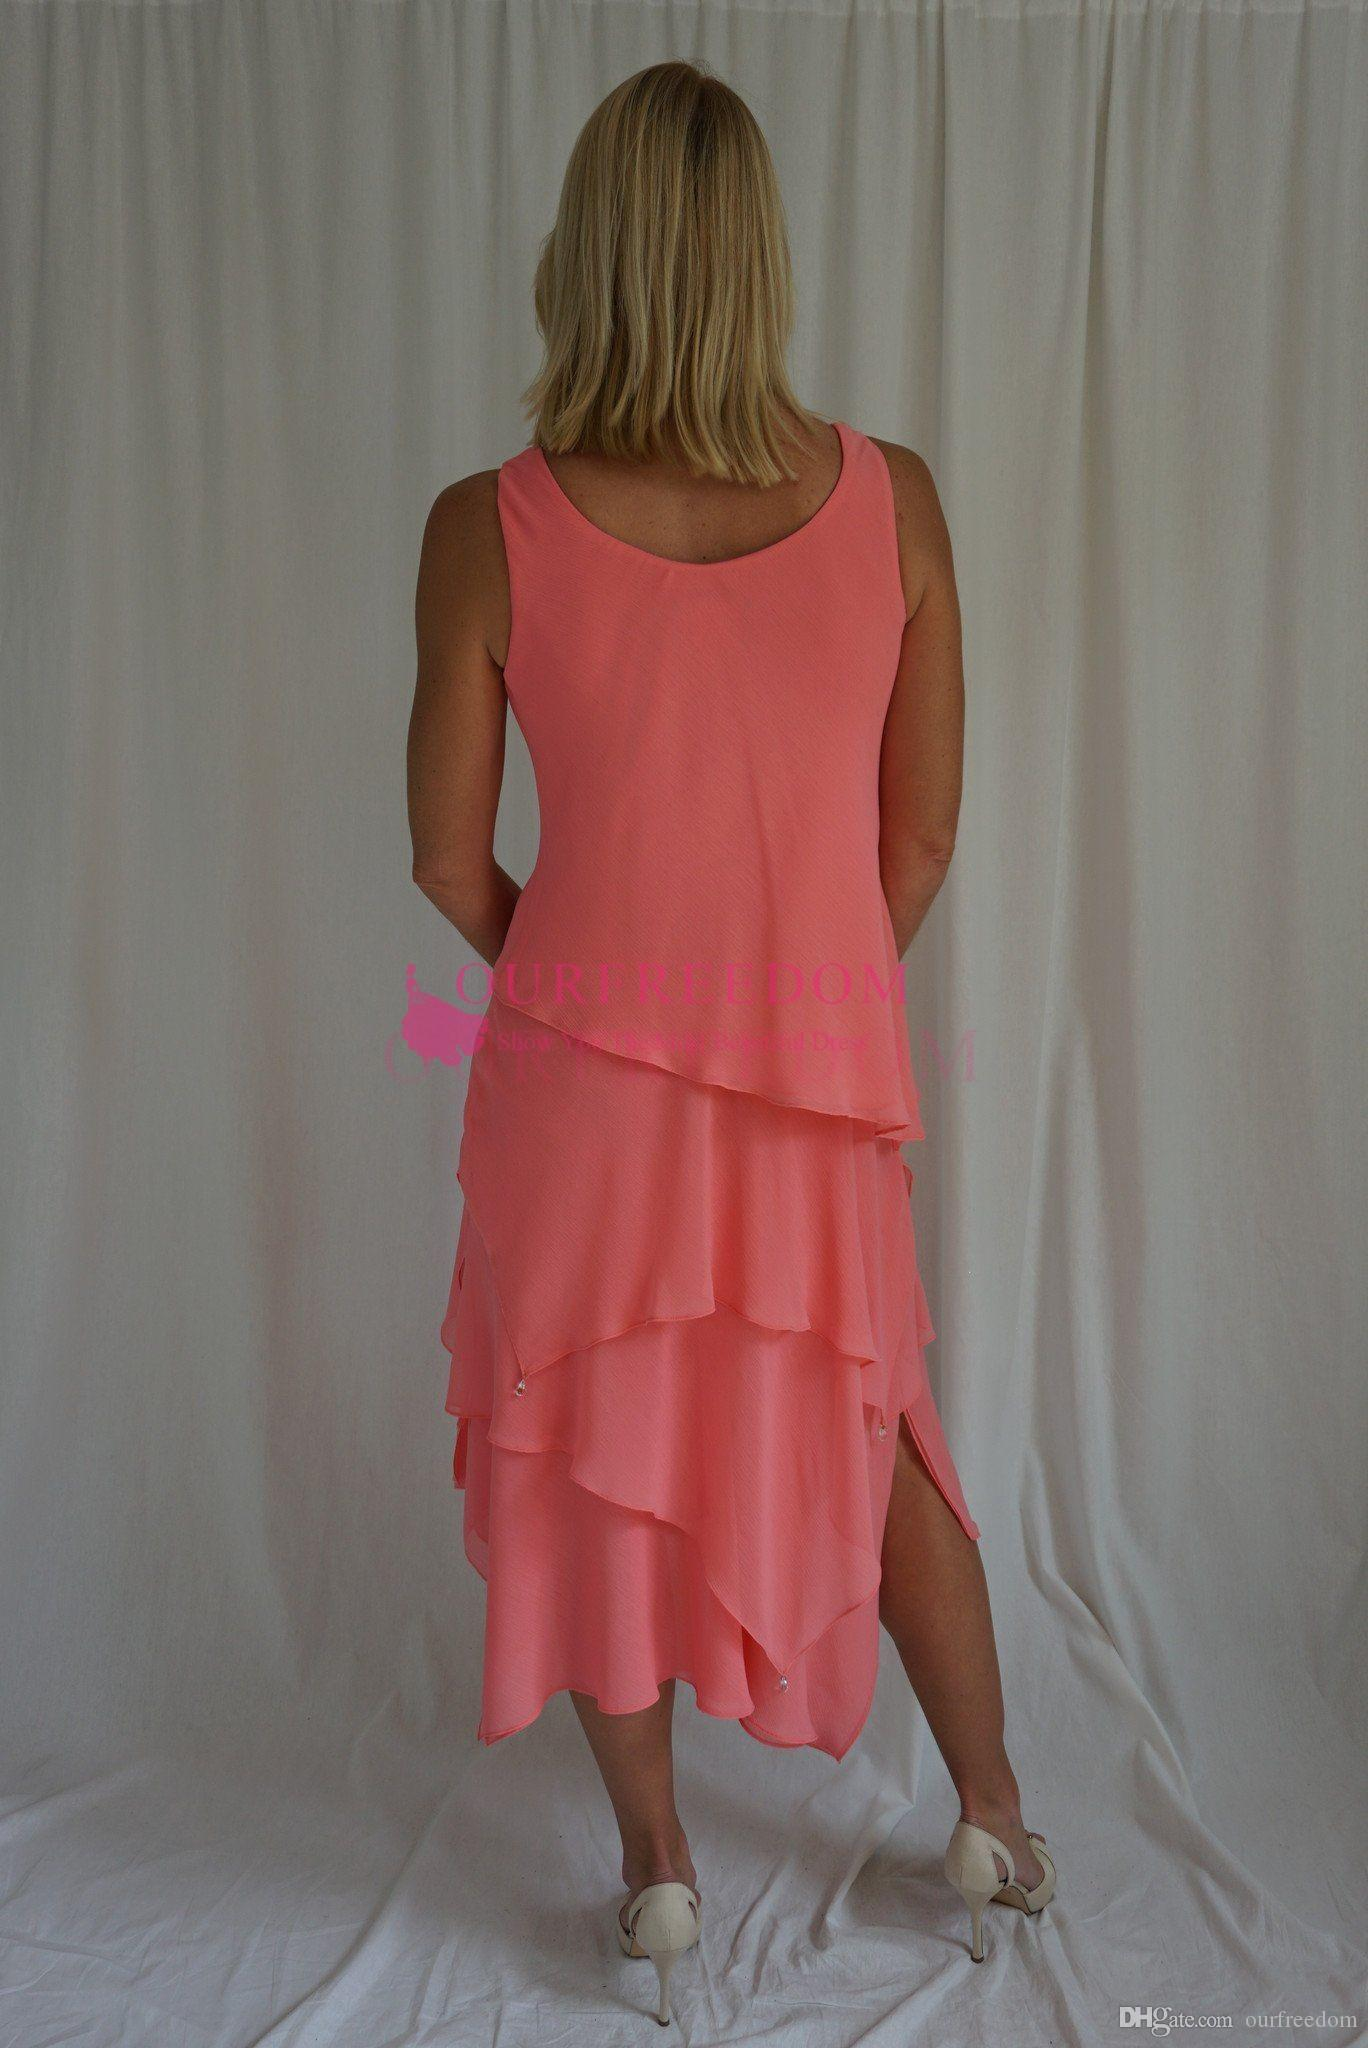 2019 New Modest With Jacket Kleider für die Brautmutter Coral Chiffon Tea Length Tiered Skirt Abendkleider für die Mutter Abendgarderobe Custom